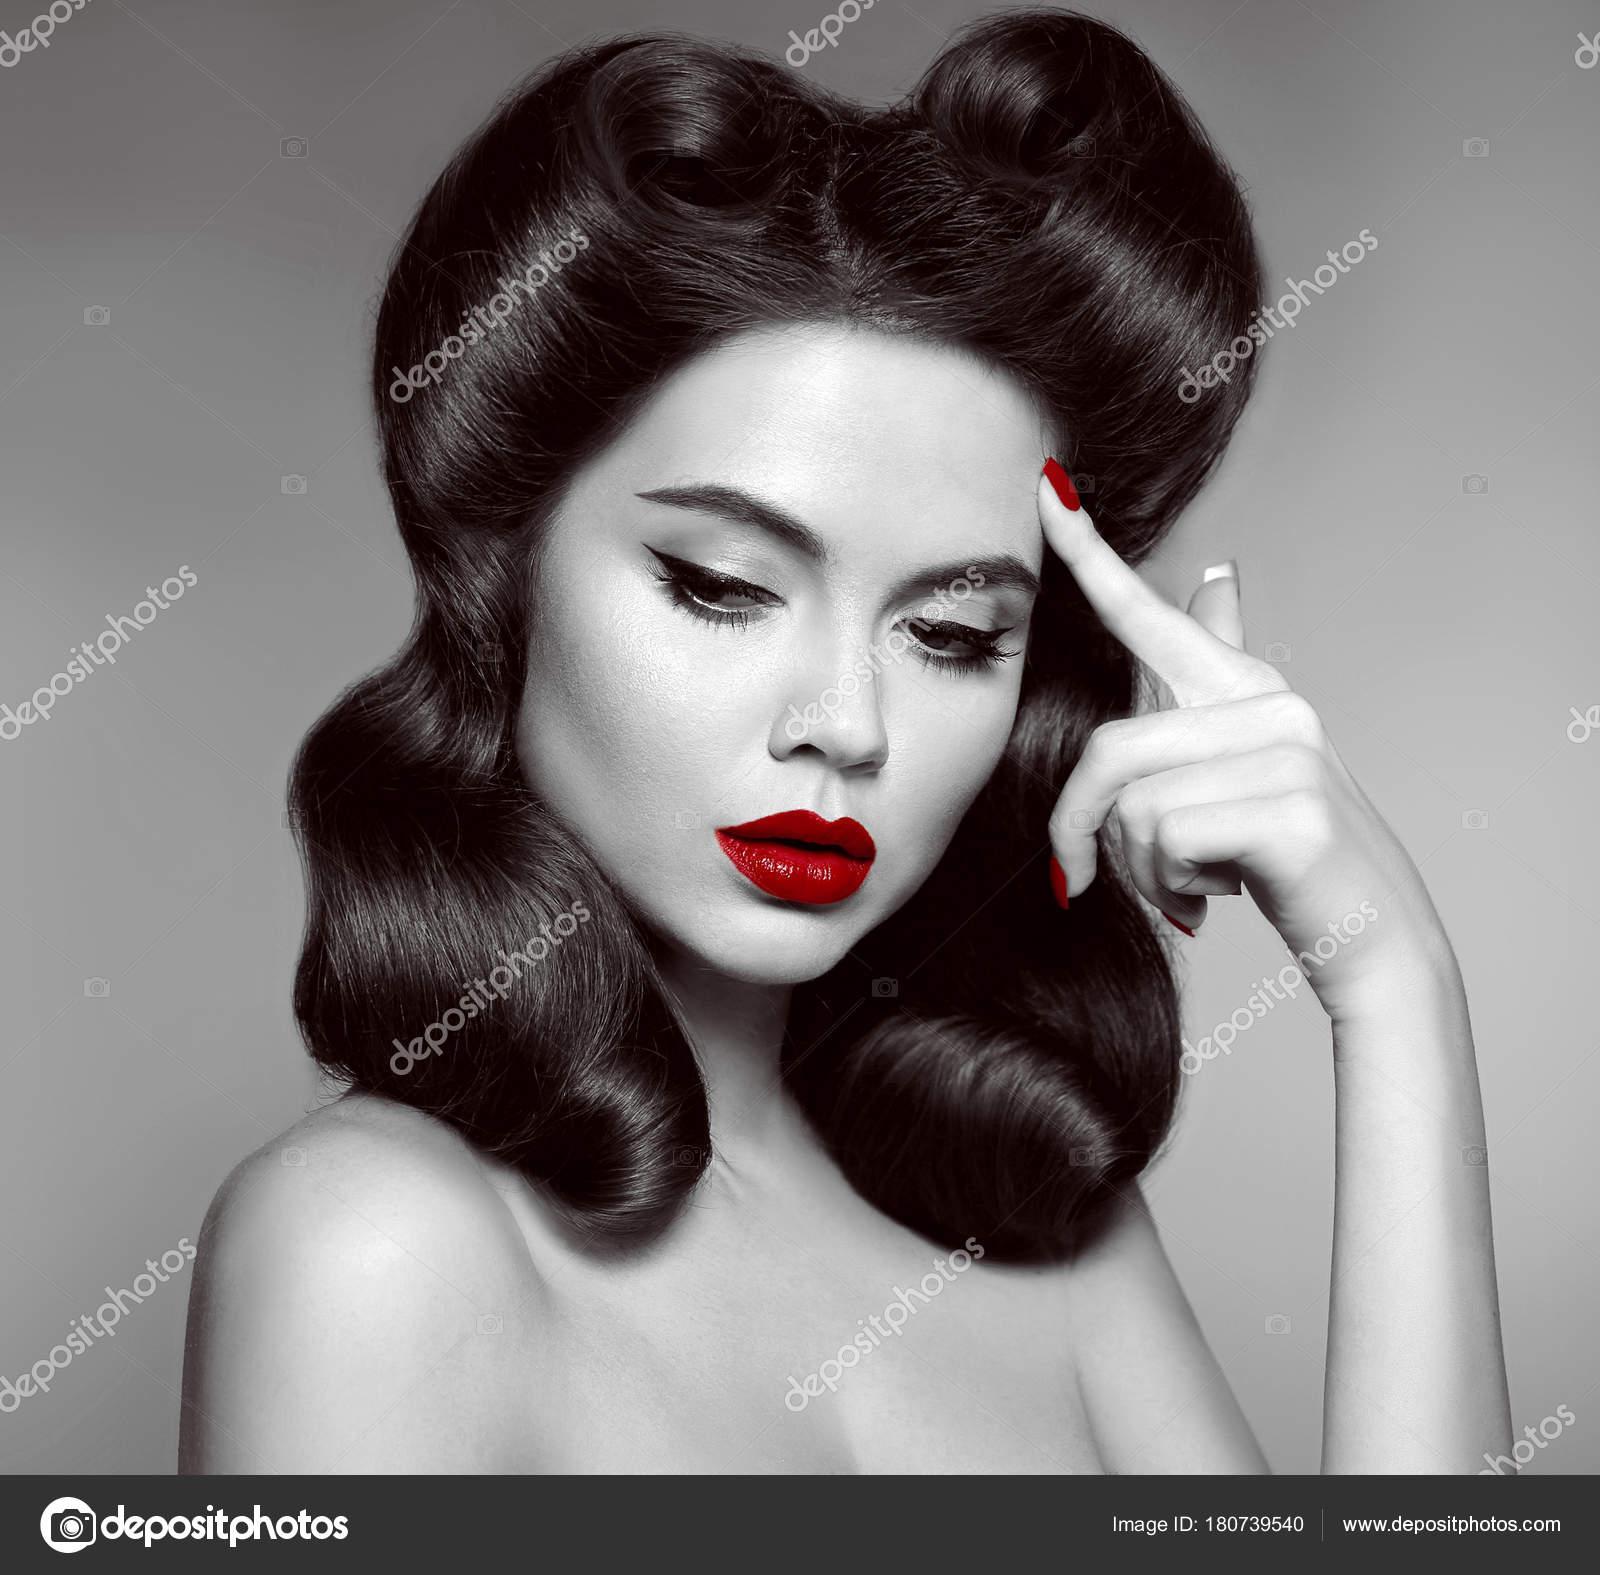 nostalgie. pin up fille avec les cheveux boucles rétro et maquillage